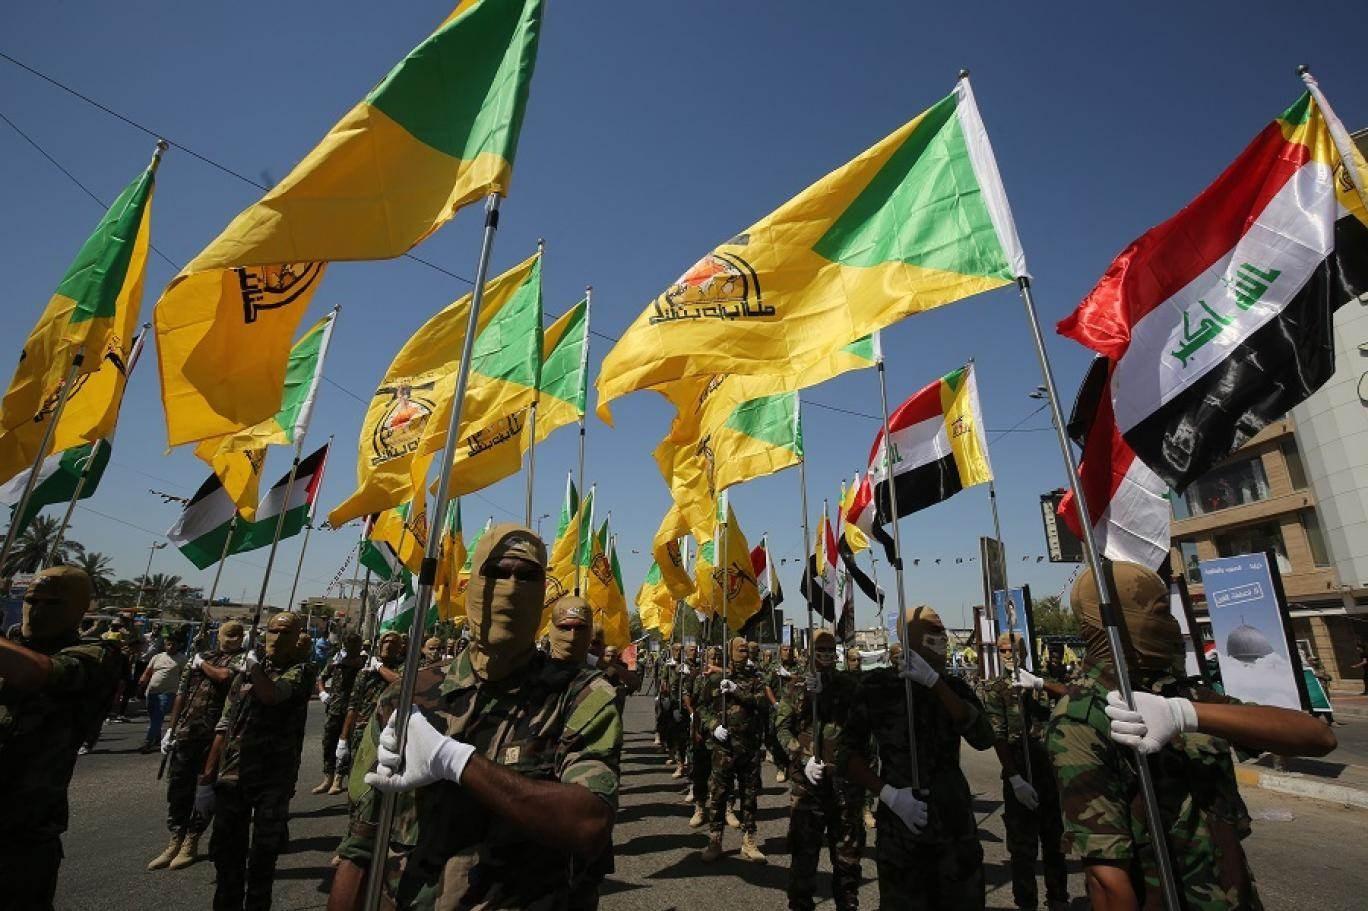 حزب الله العراق يتهم رئيس الوزراء مصطفى الكاظمي فما القصة؟